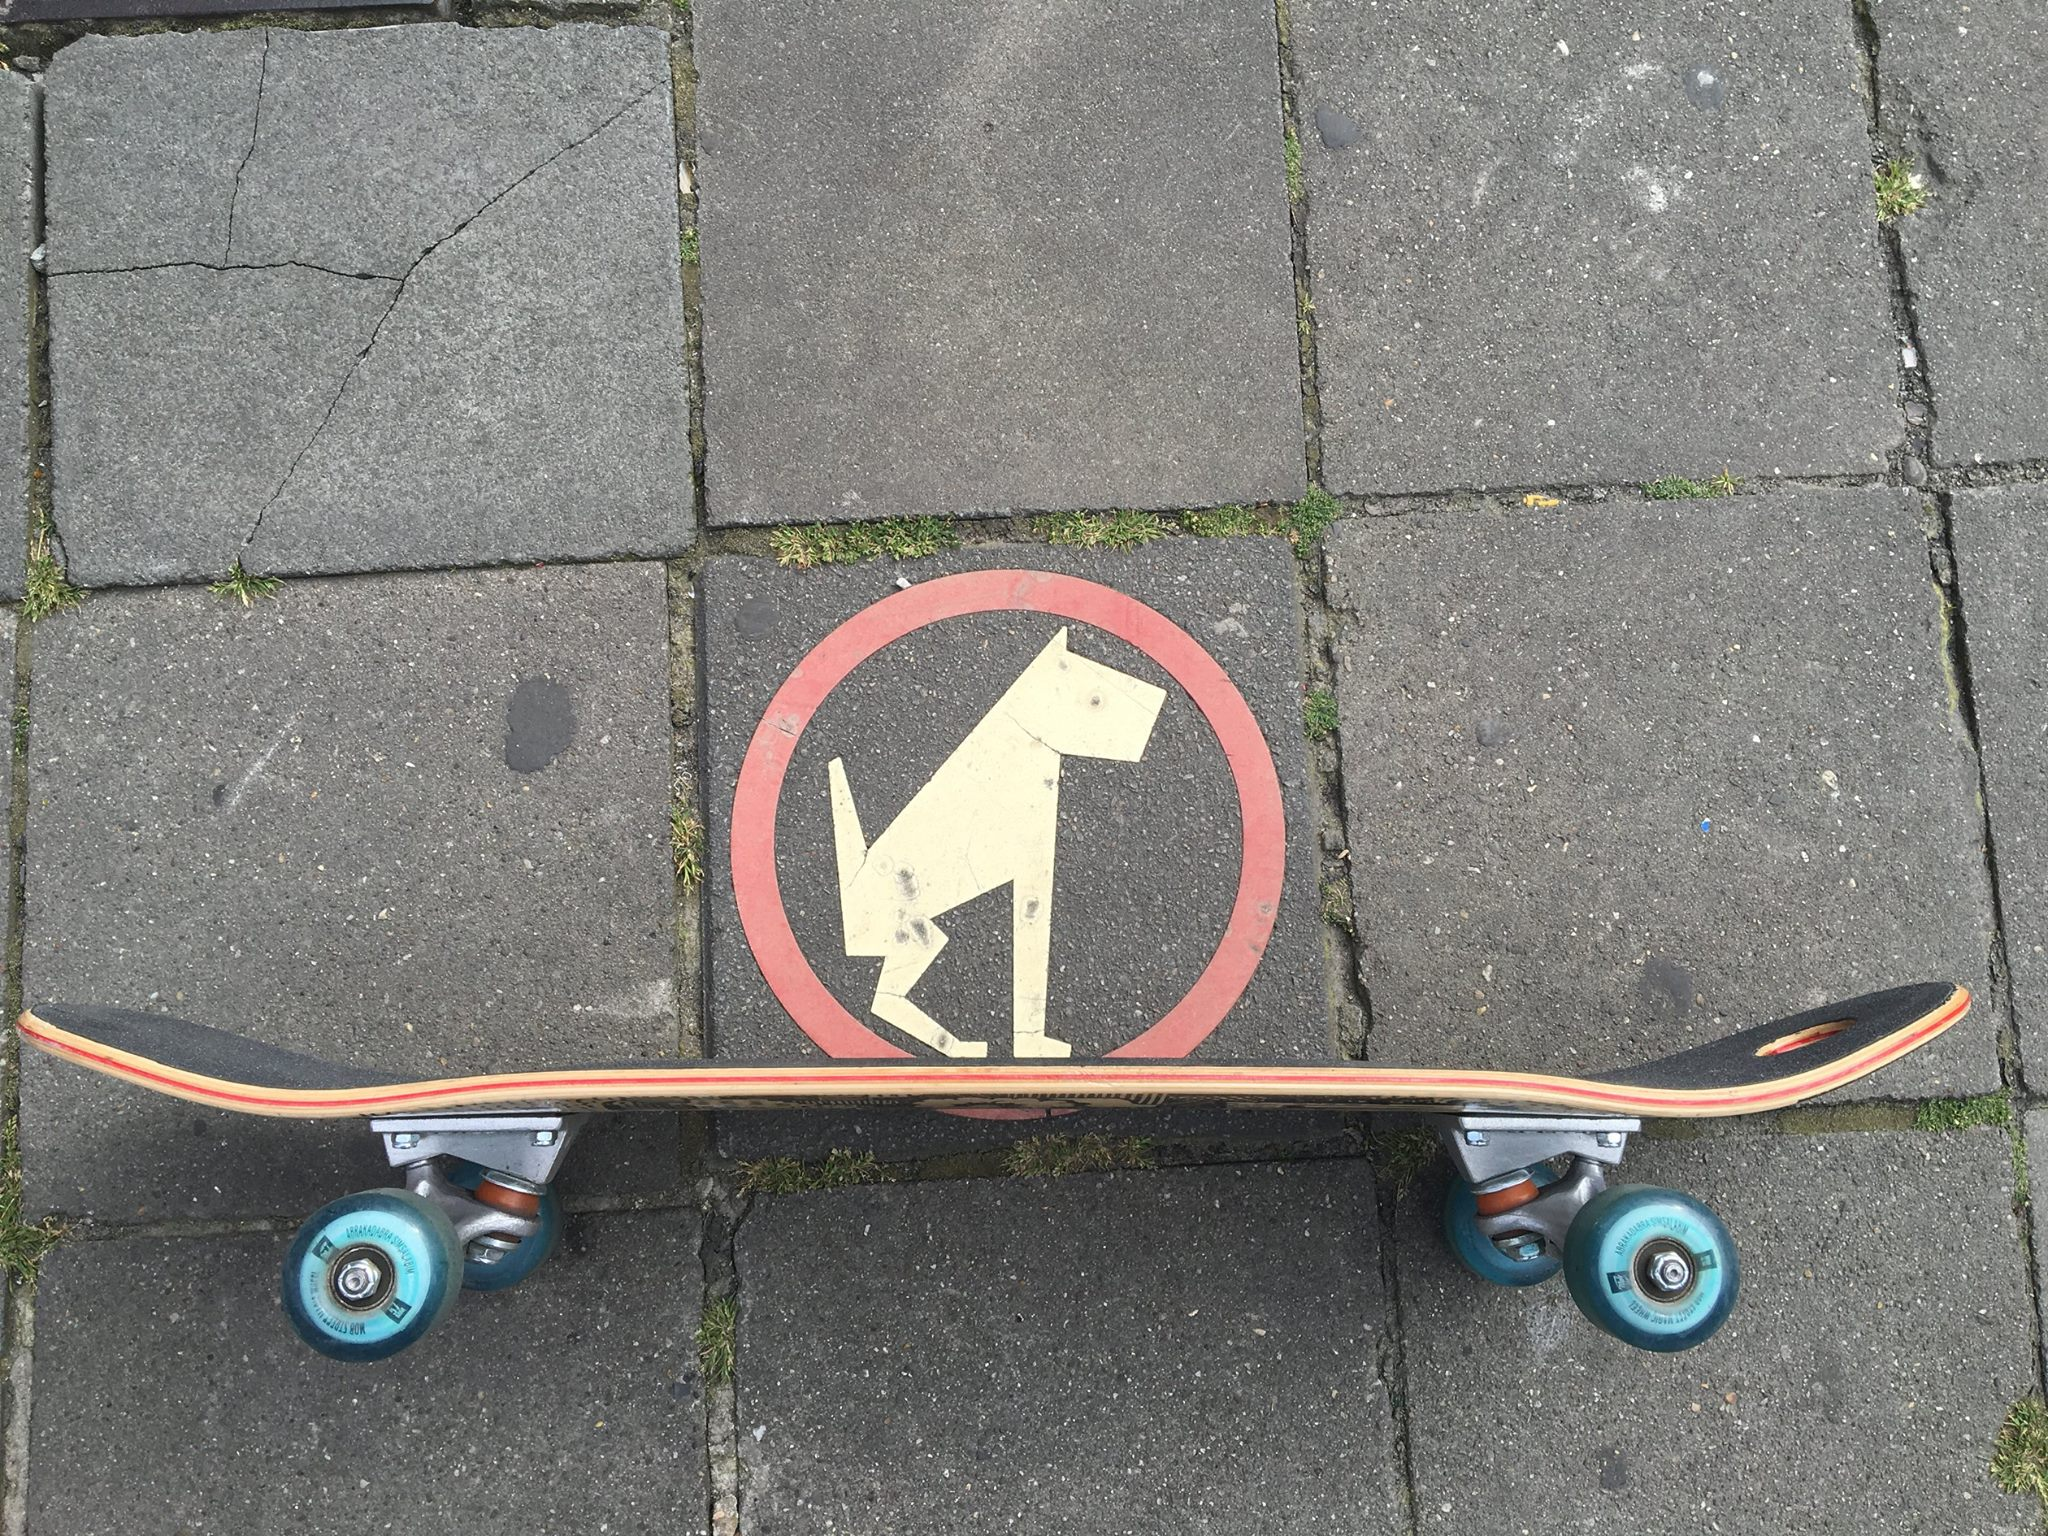 BEV skateboards